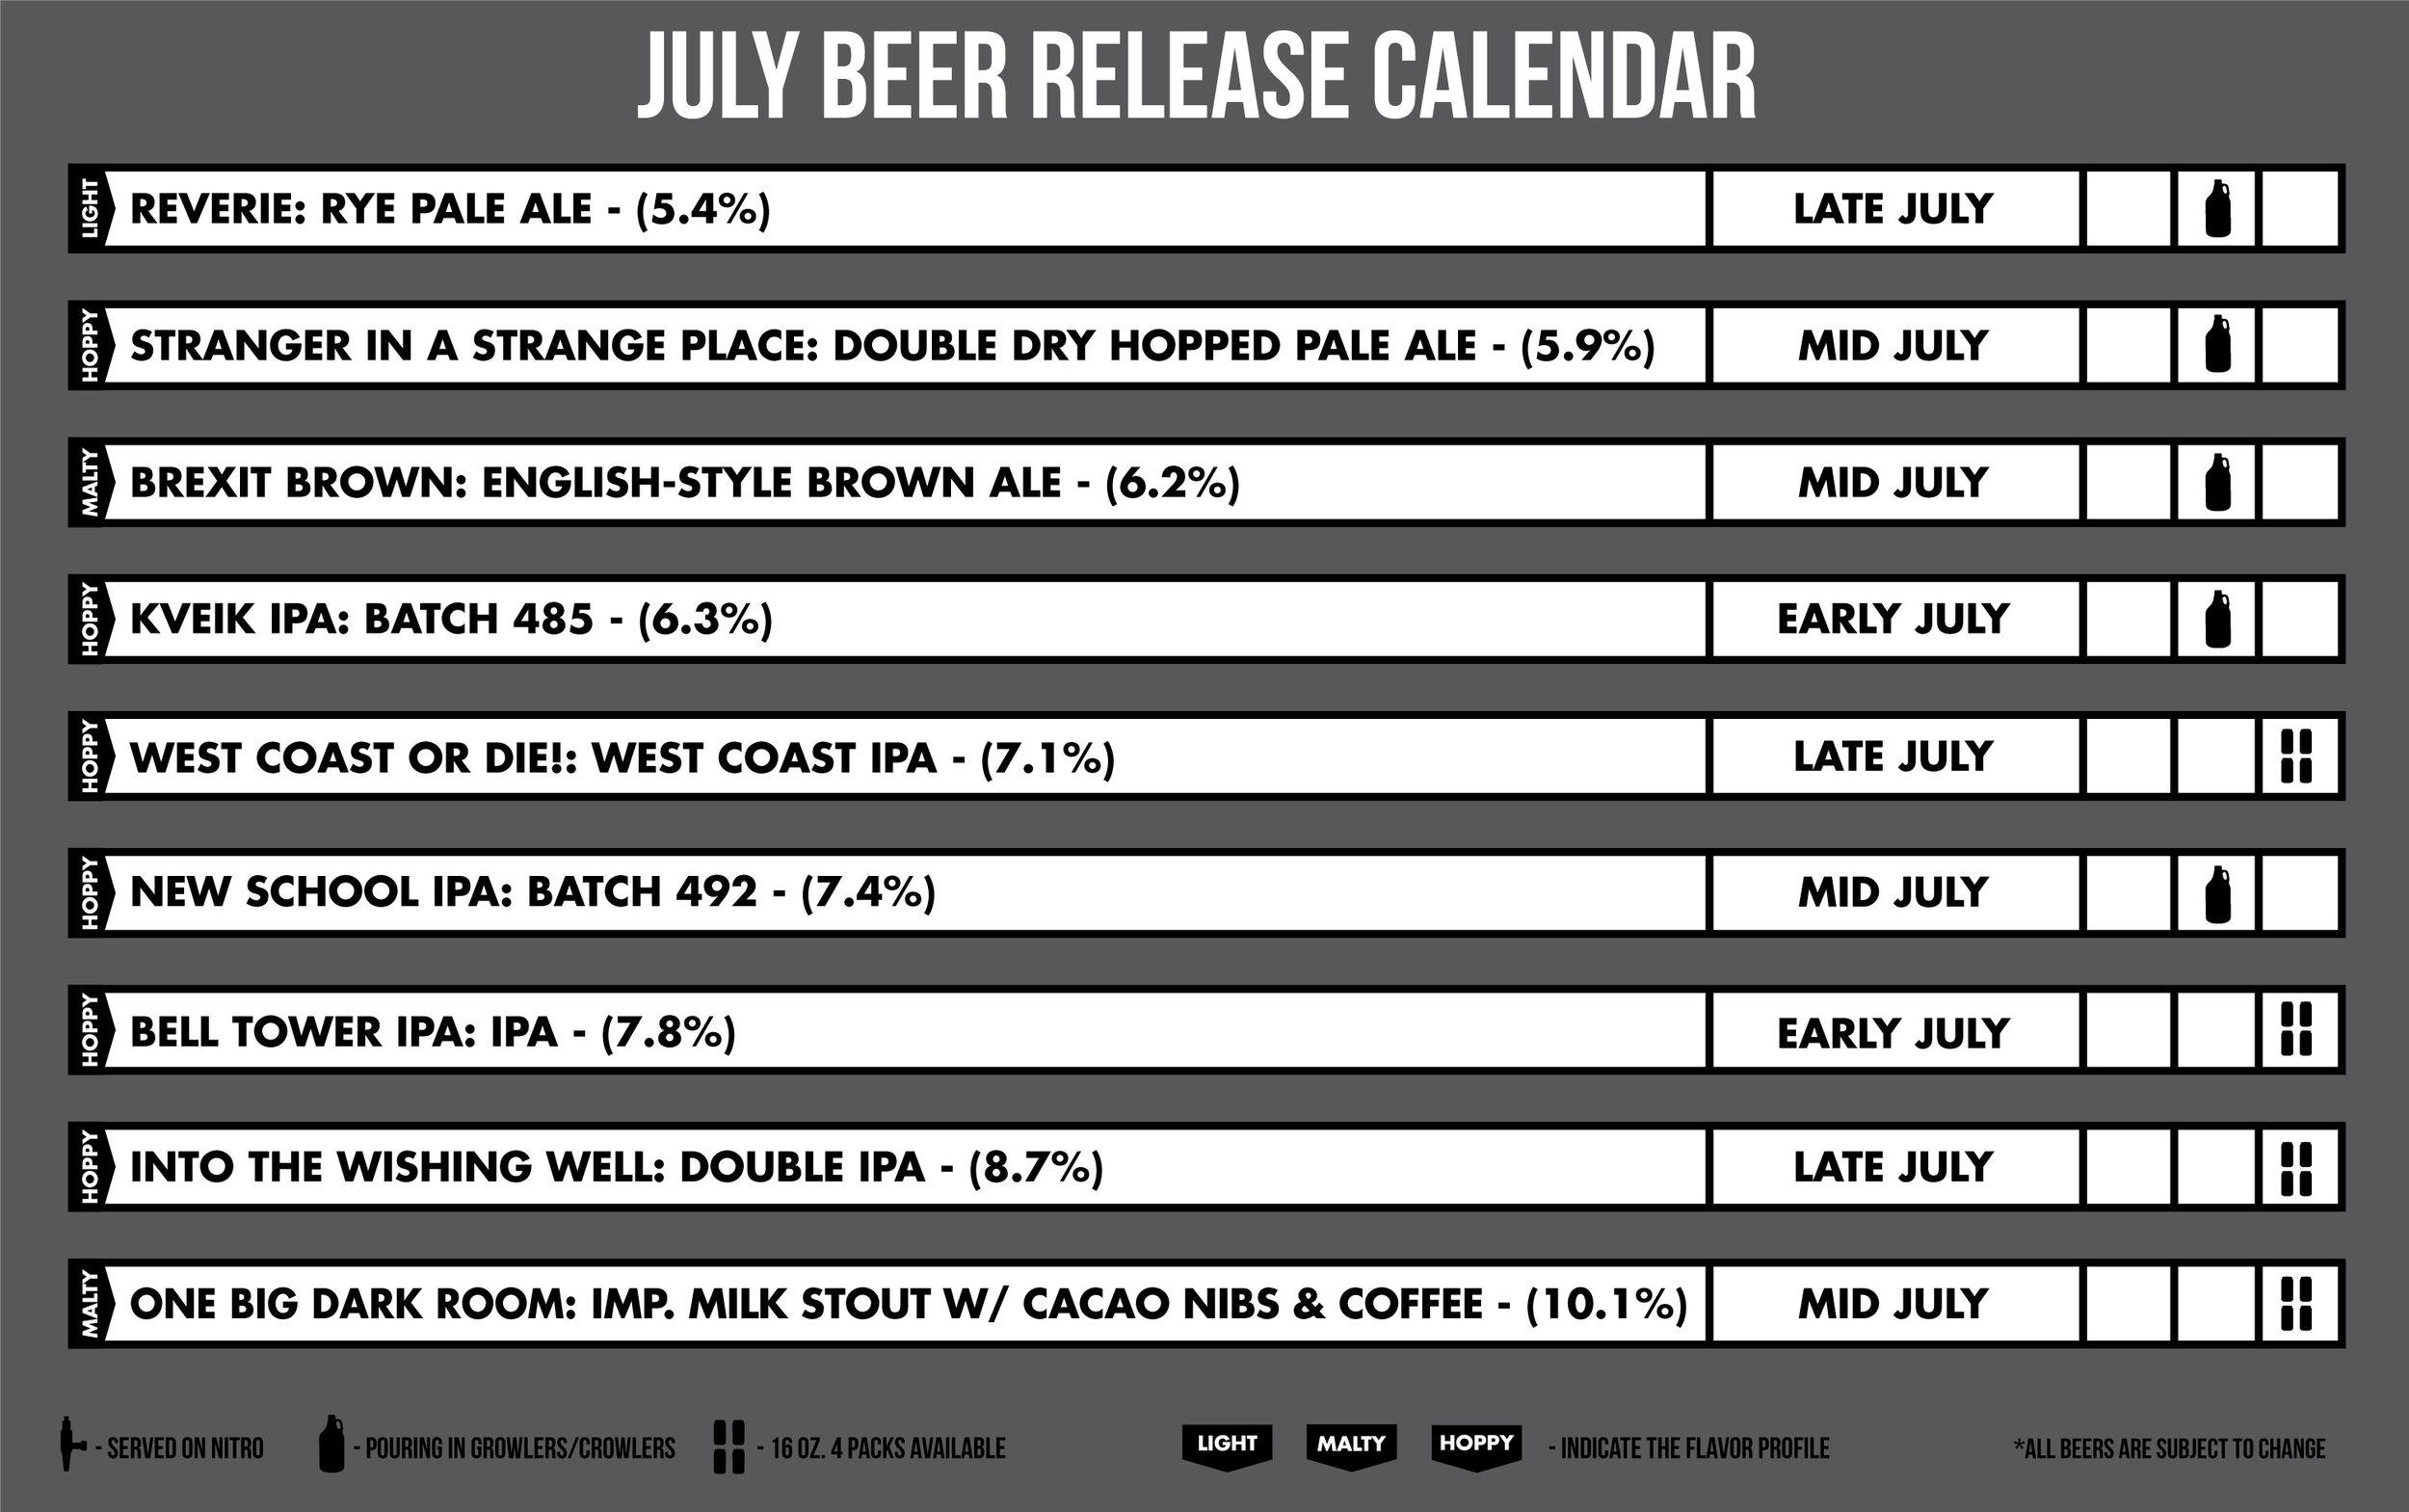 July_2019_Beer_Release_Calendar.jpg